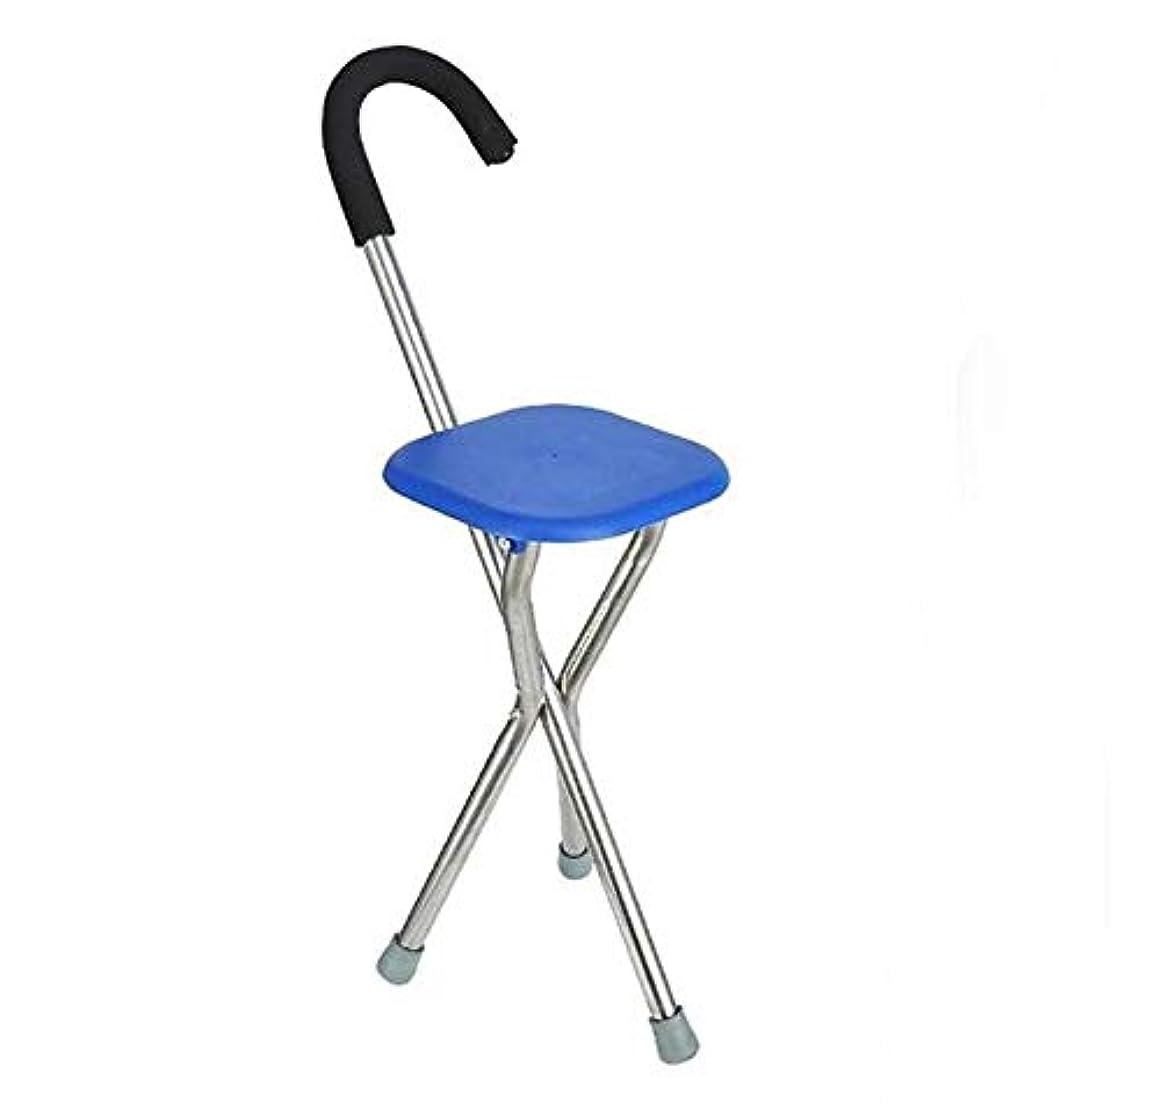 農場以来武器ZWW-松葉杖 調節可能な歩行松葉杖杖シートステッキシート杖三本足のスツールチェア高齢者のための高齢者ウォーキングスティックスツール、ブルー